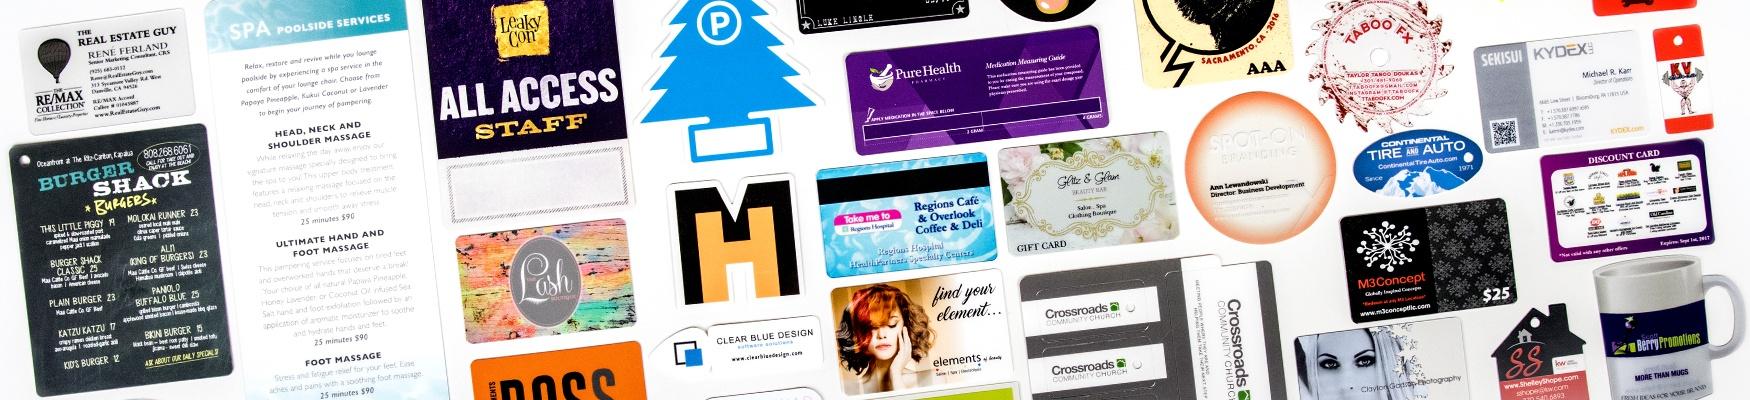 Custom-Plastic-Card-Banner-1750x400.jpg